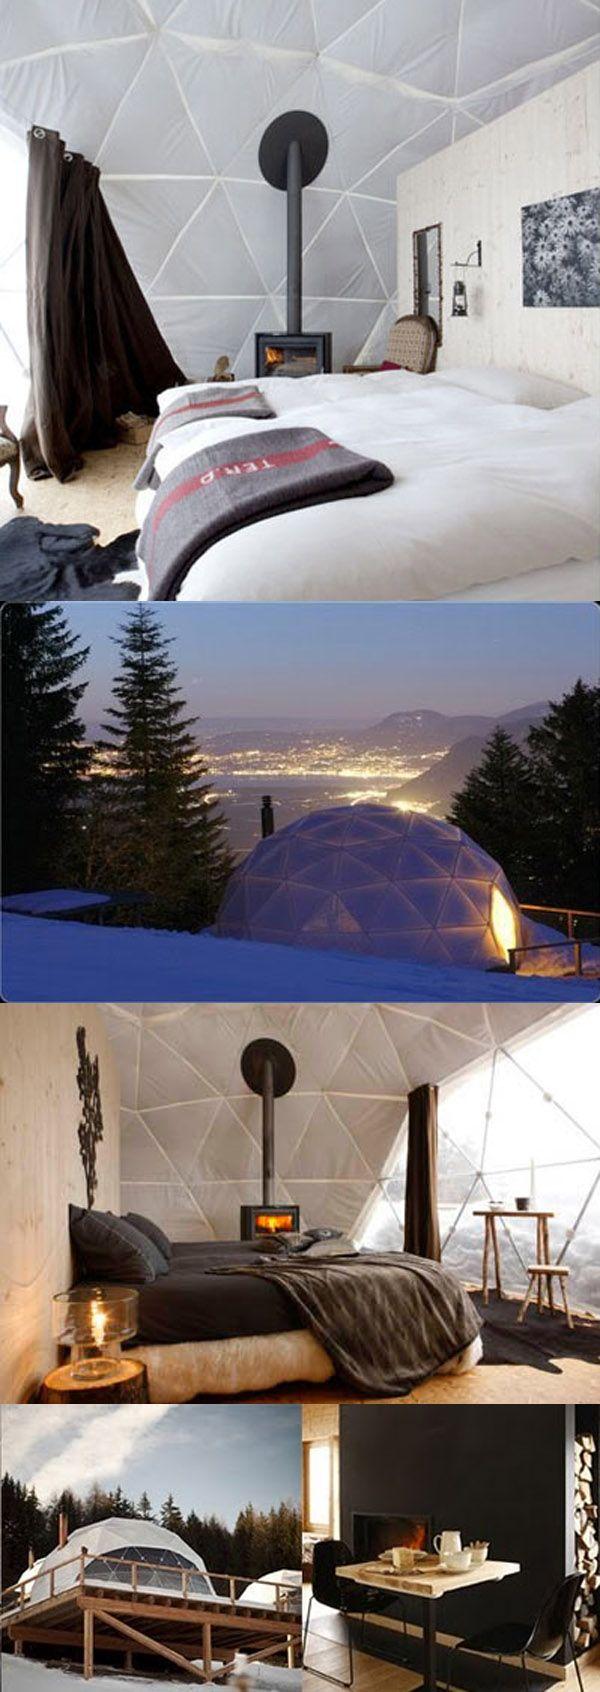 Stylish Hotels : synthetic igloos, WhitePod Resort, Switzerland